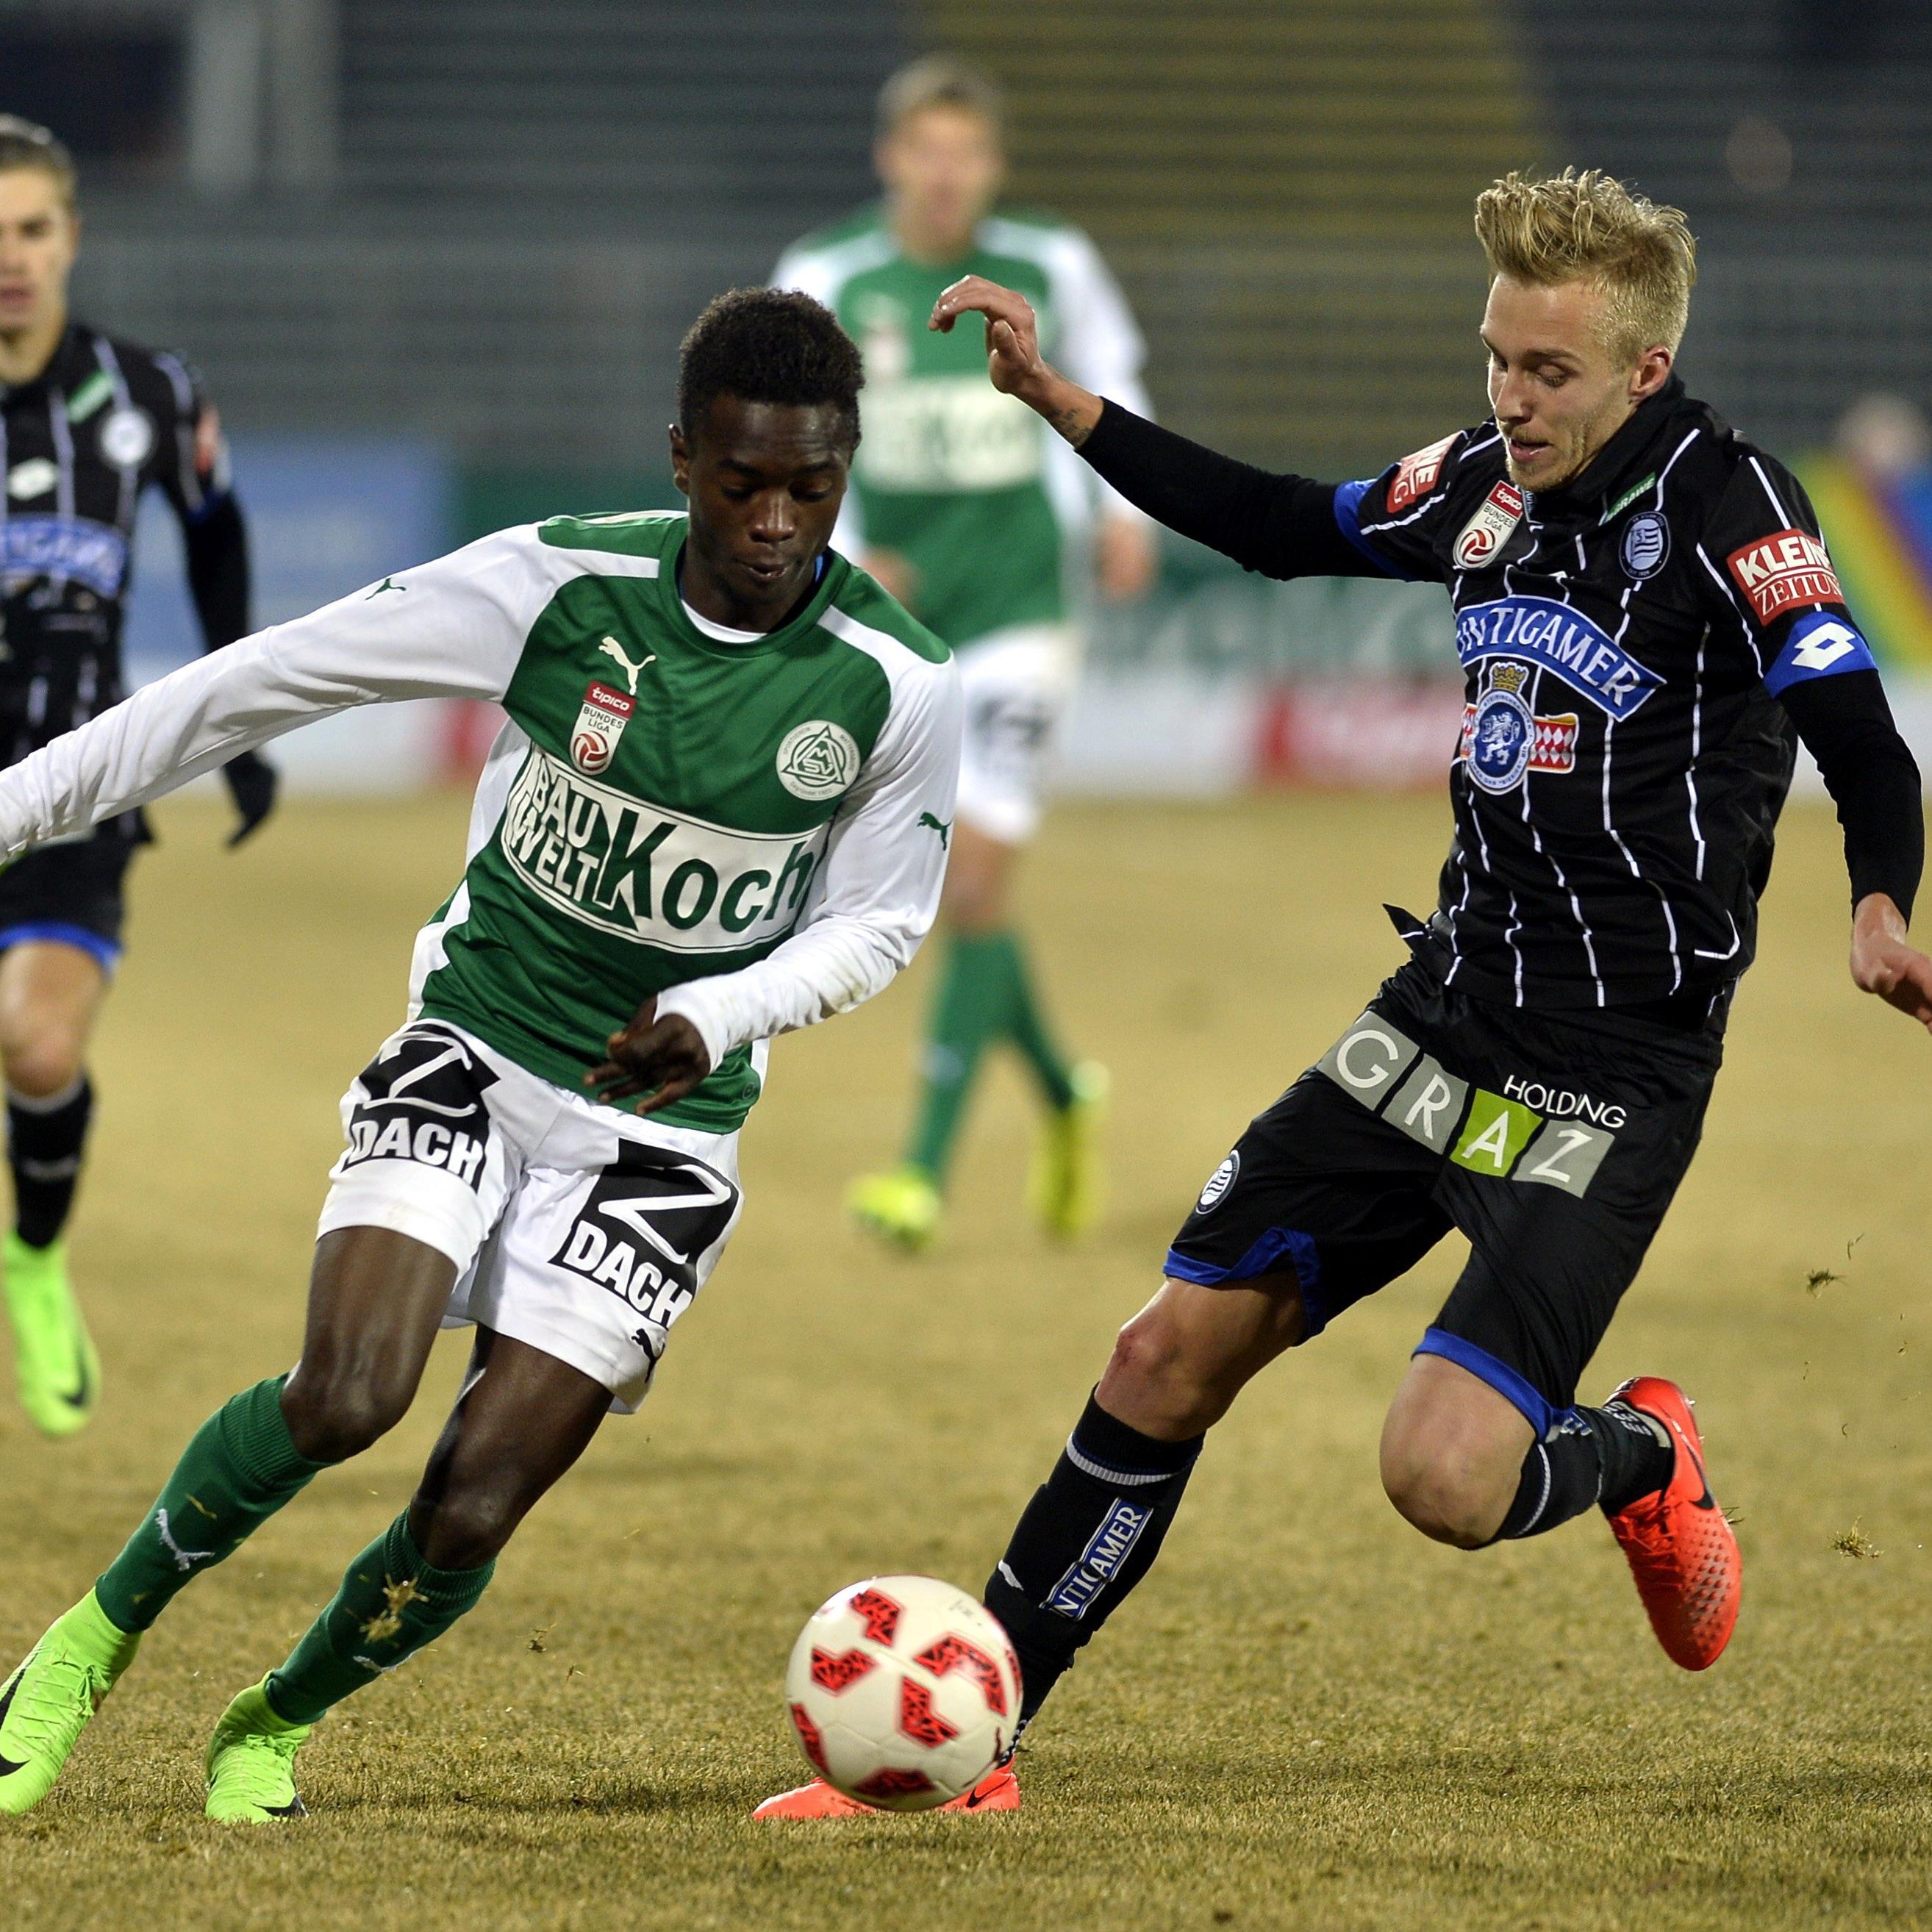 LIVE-Ticker zum Spiel SK Sturm Graz gegen SV Mattersburg ab 18.30 Uhr.